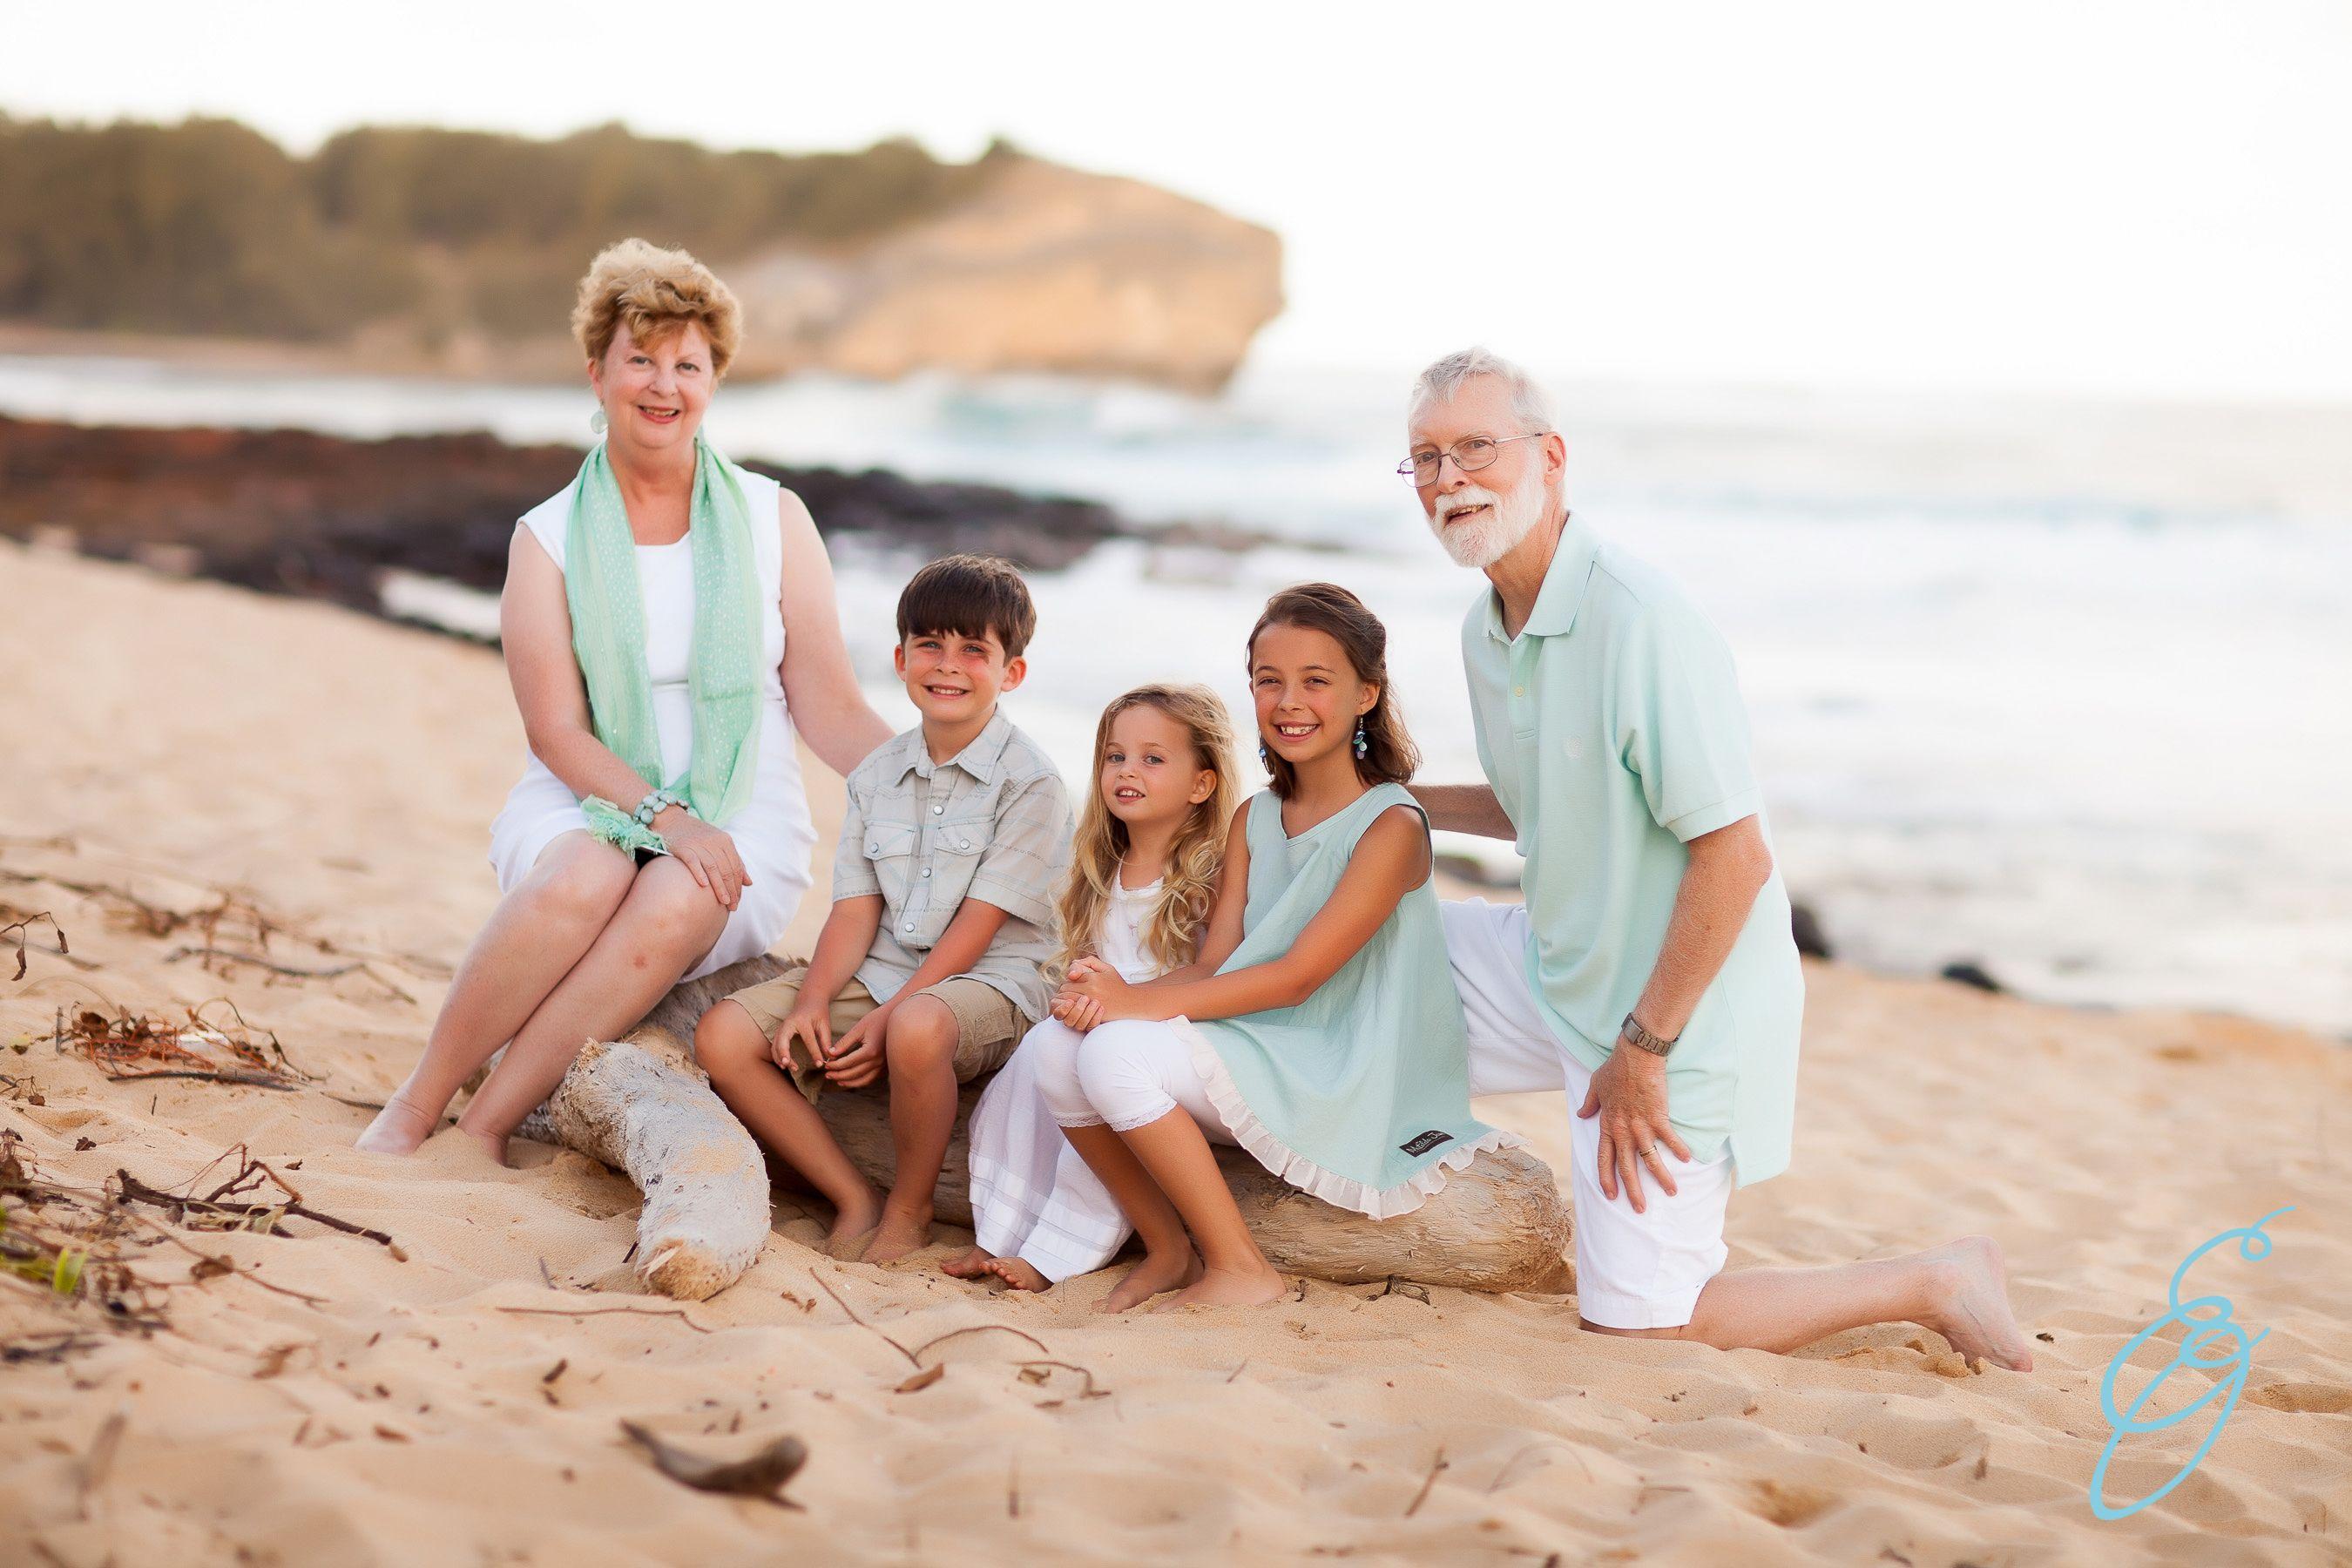 Beach Family Photos Hawaii Kauaei Beach Family Portraits Outfit Ideas Beach Photos